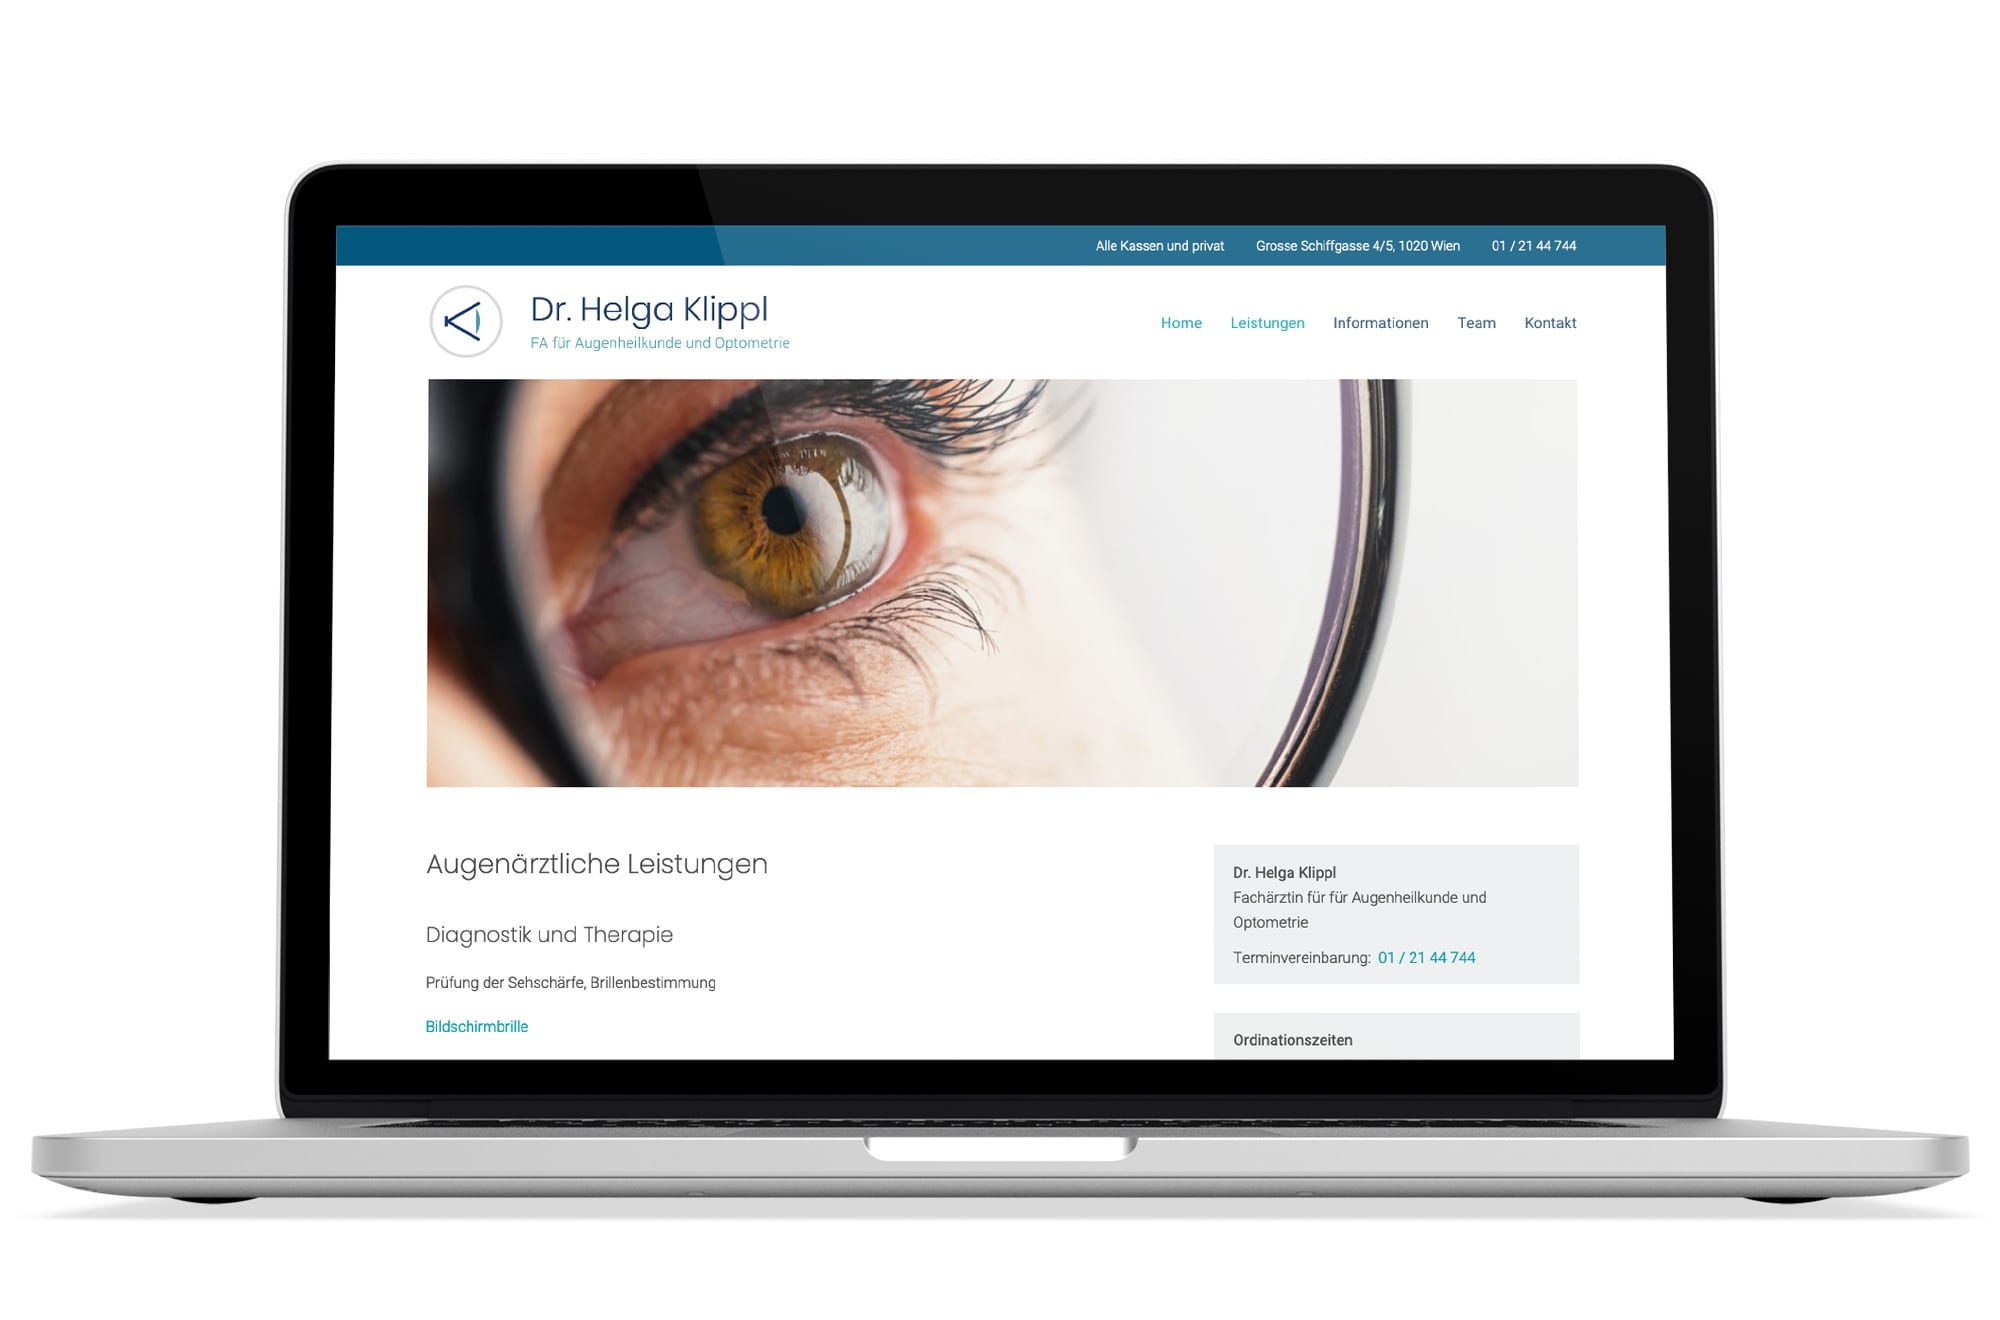 Responsive Webdesign Beispiel: Neue mobile Webseite für Augenarzt 1020 Wien